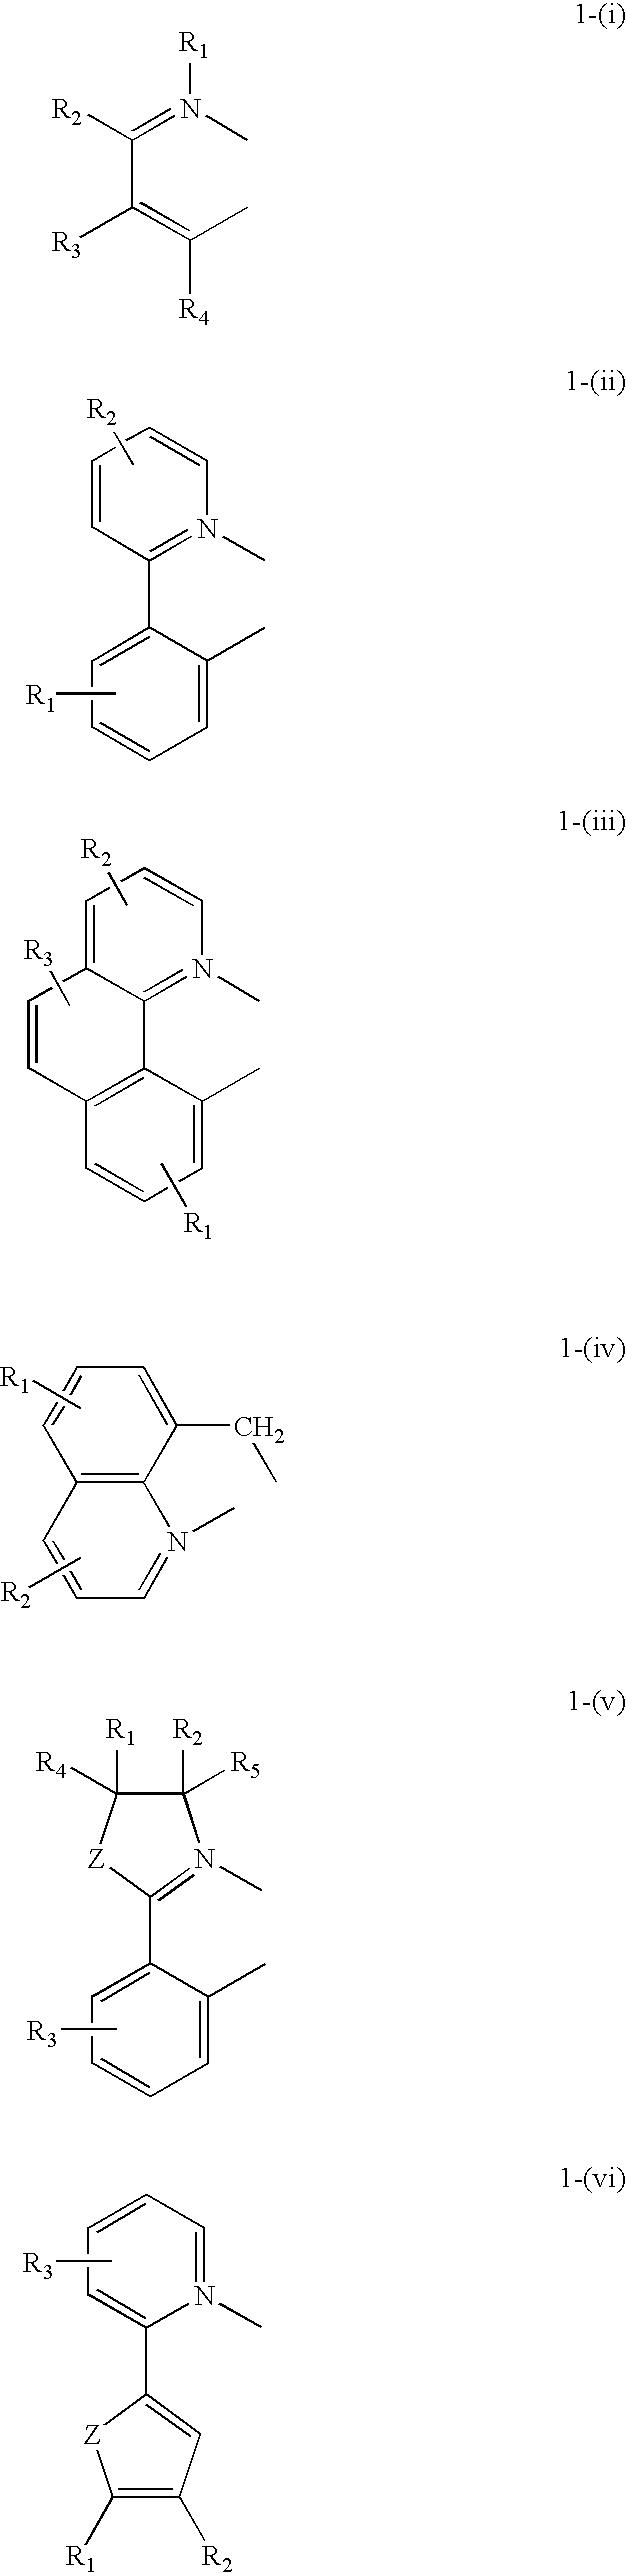 Figure US20060177695A1-20060810-C00032